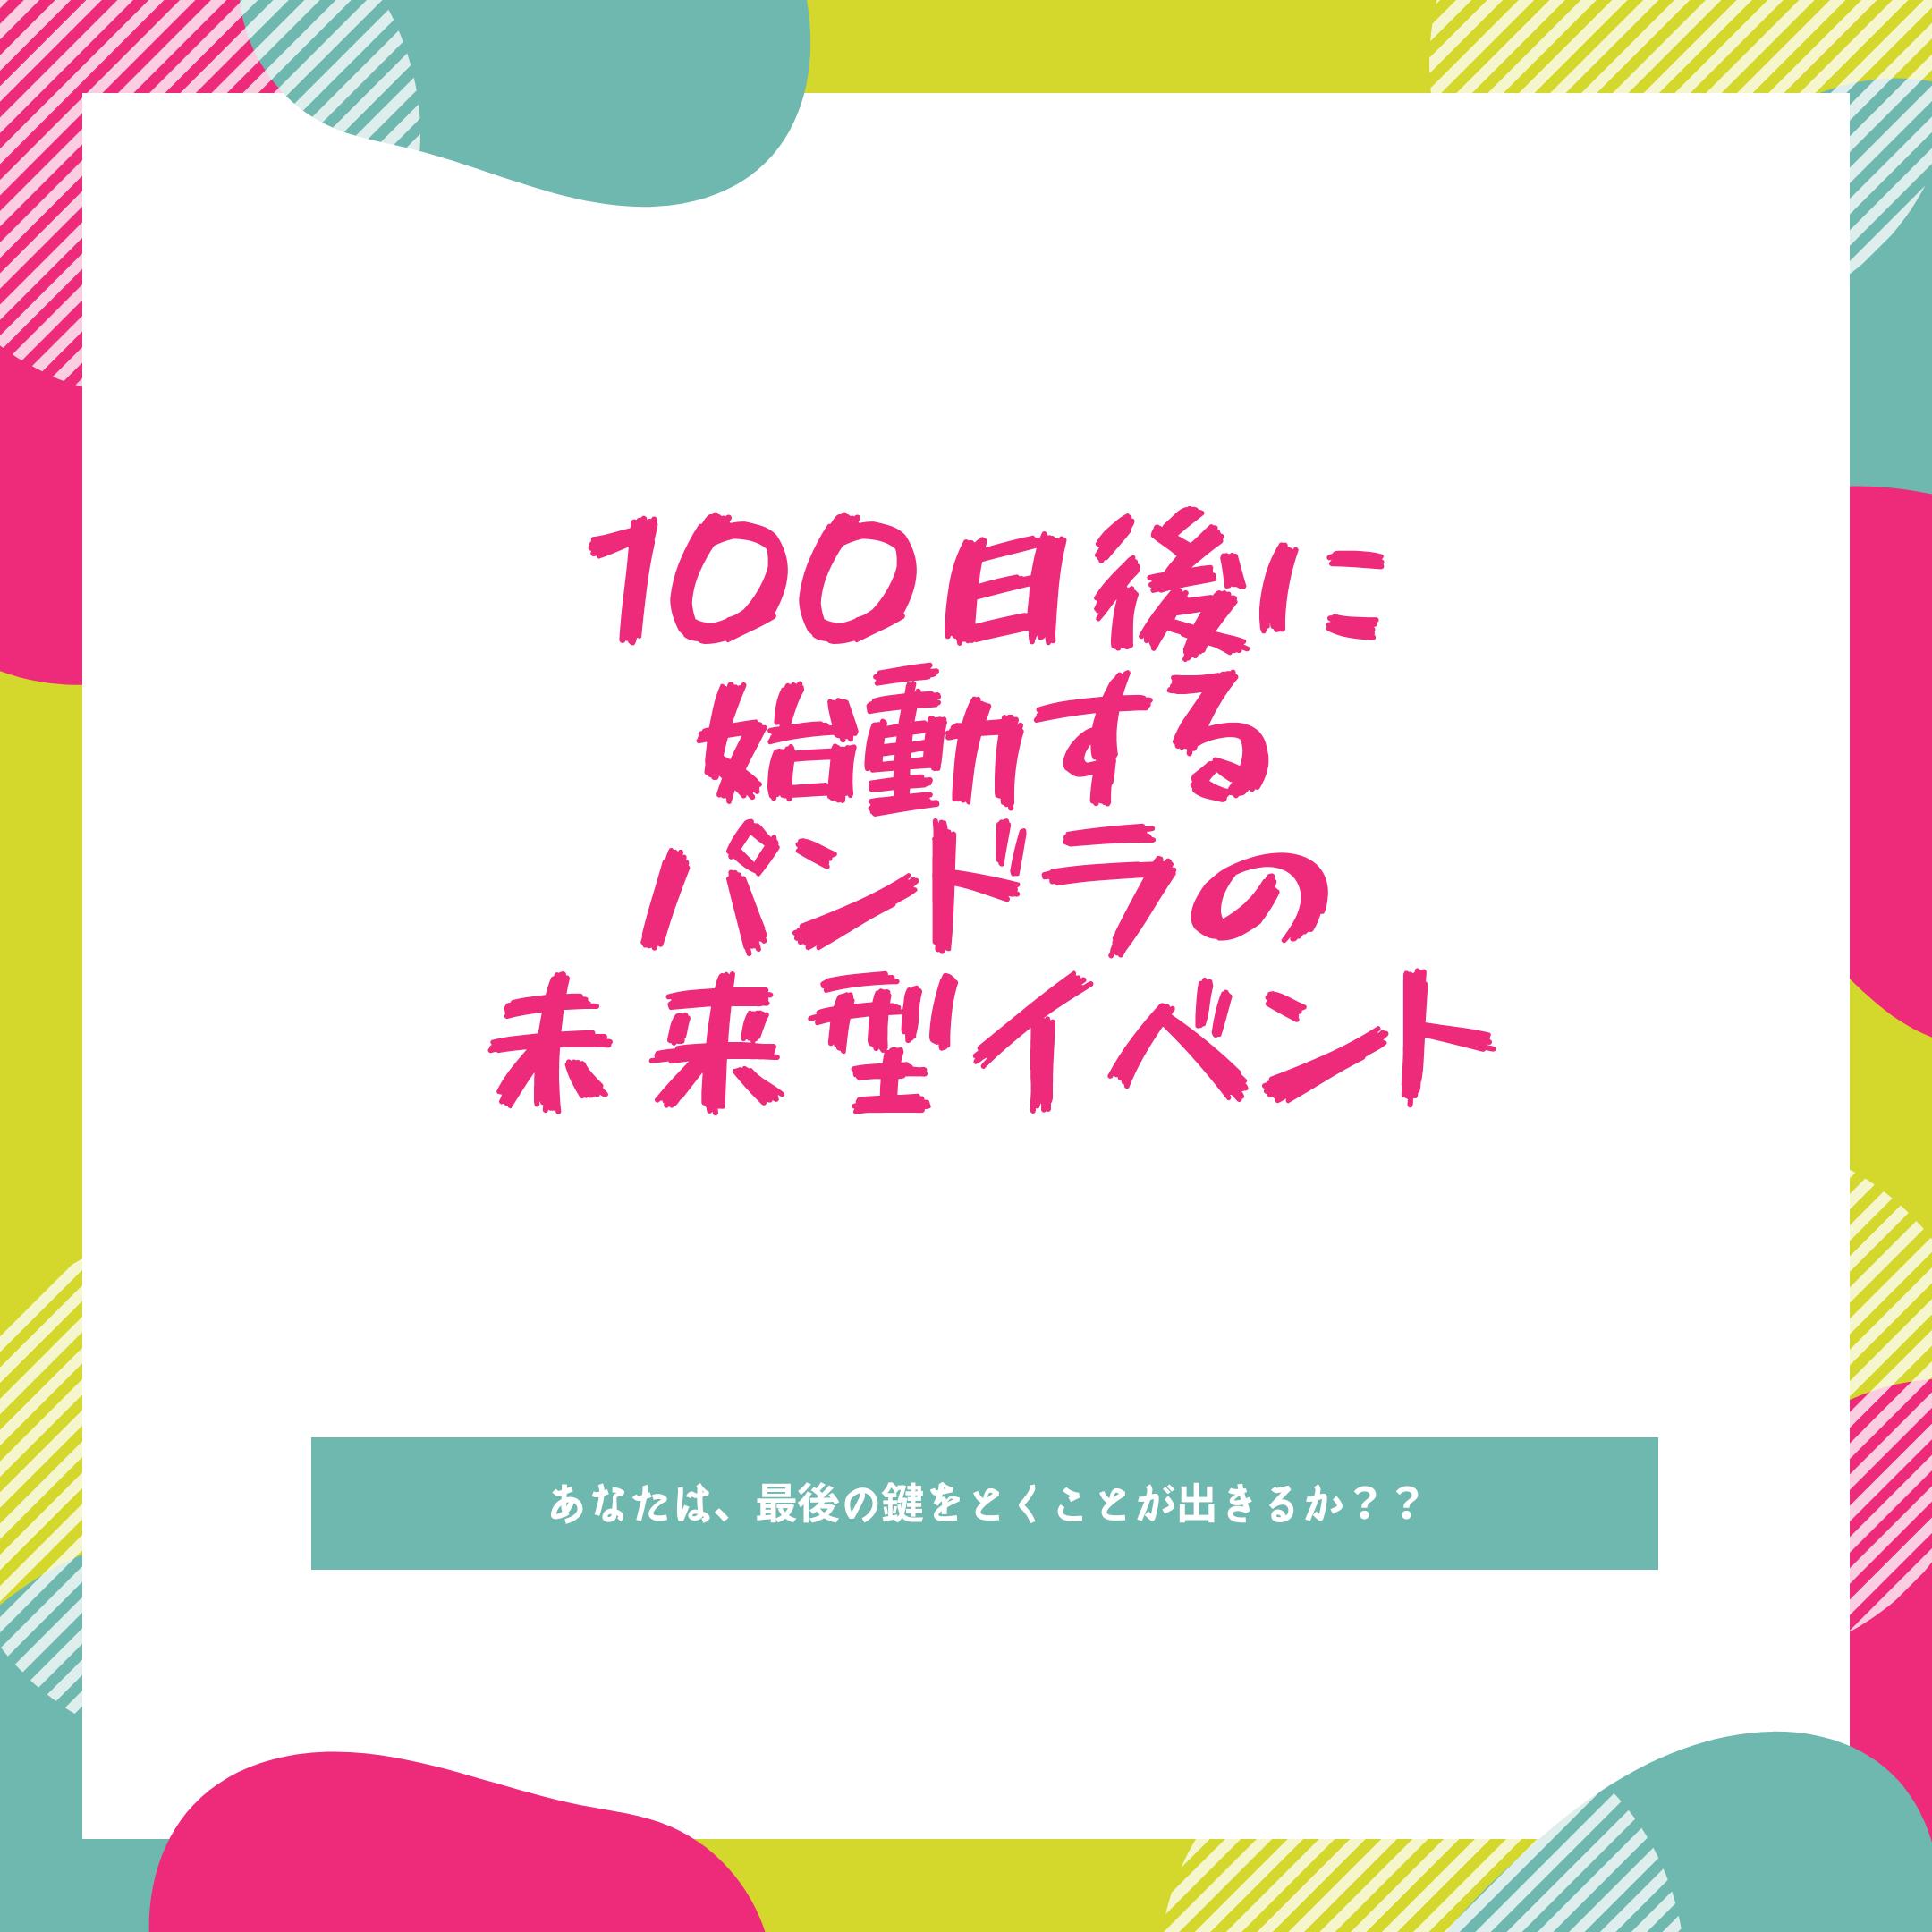 100日ミッション